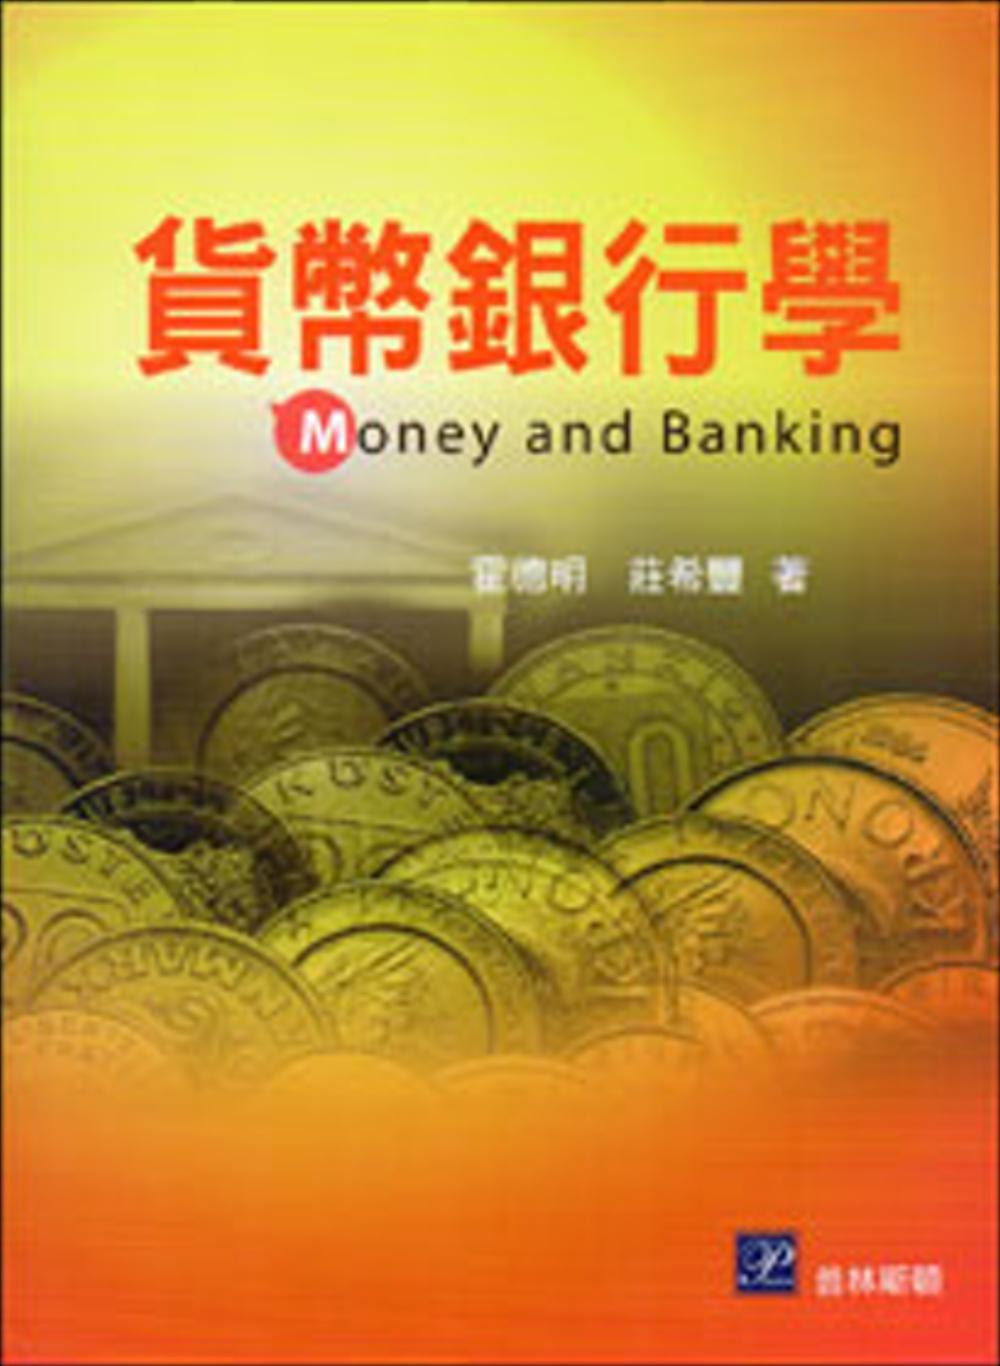 貨幣銀行學(初版修訂)